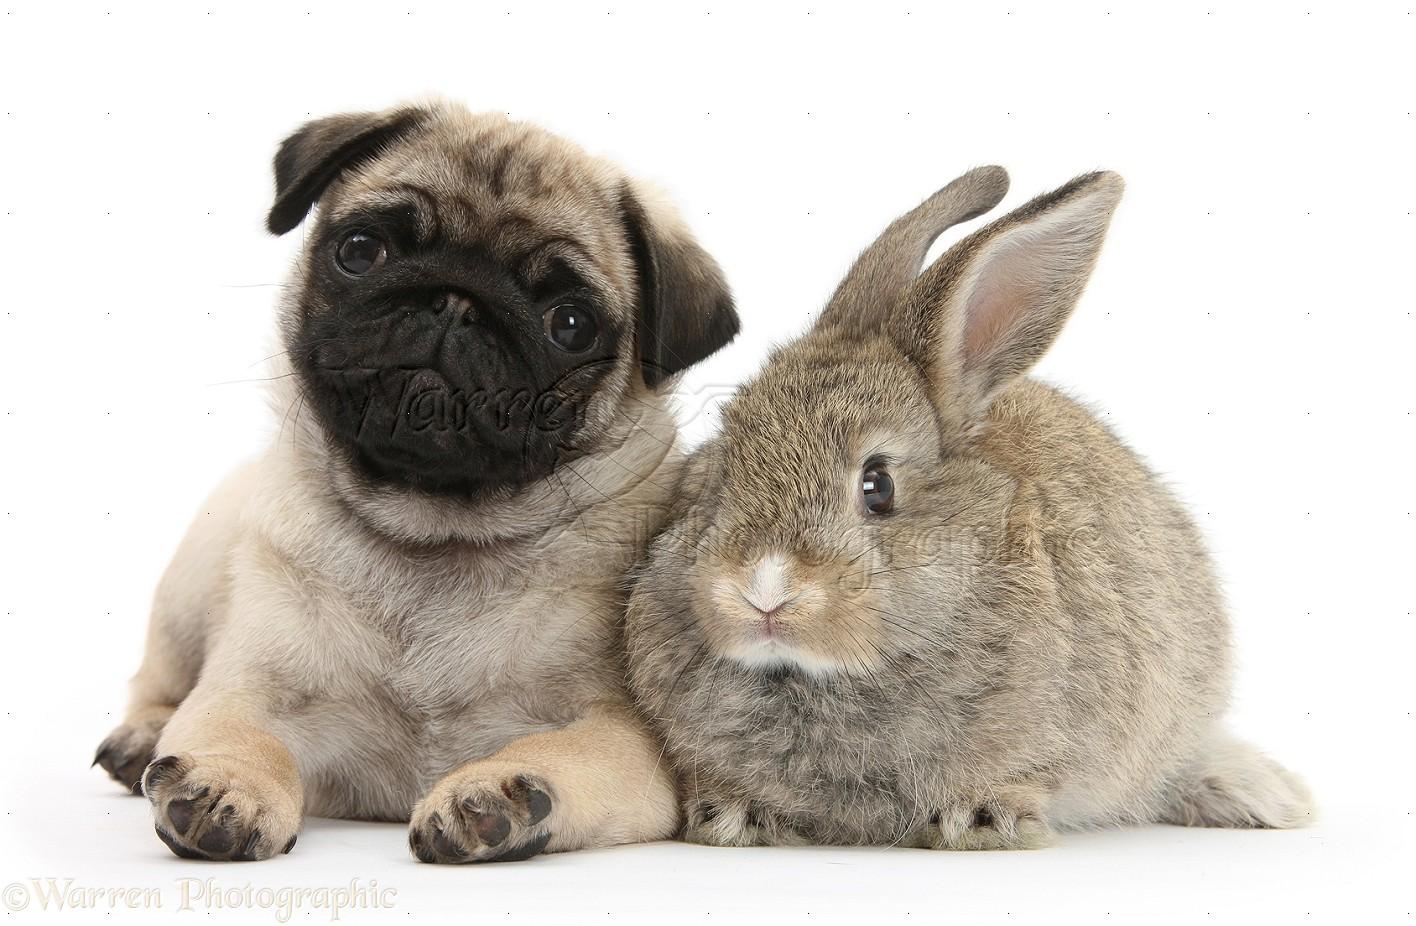 pug puppies #8